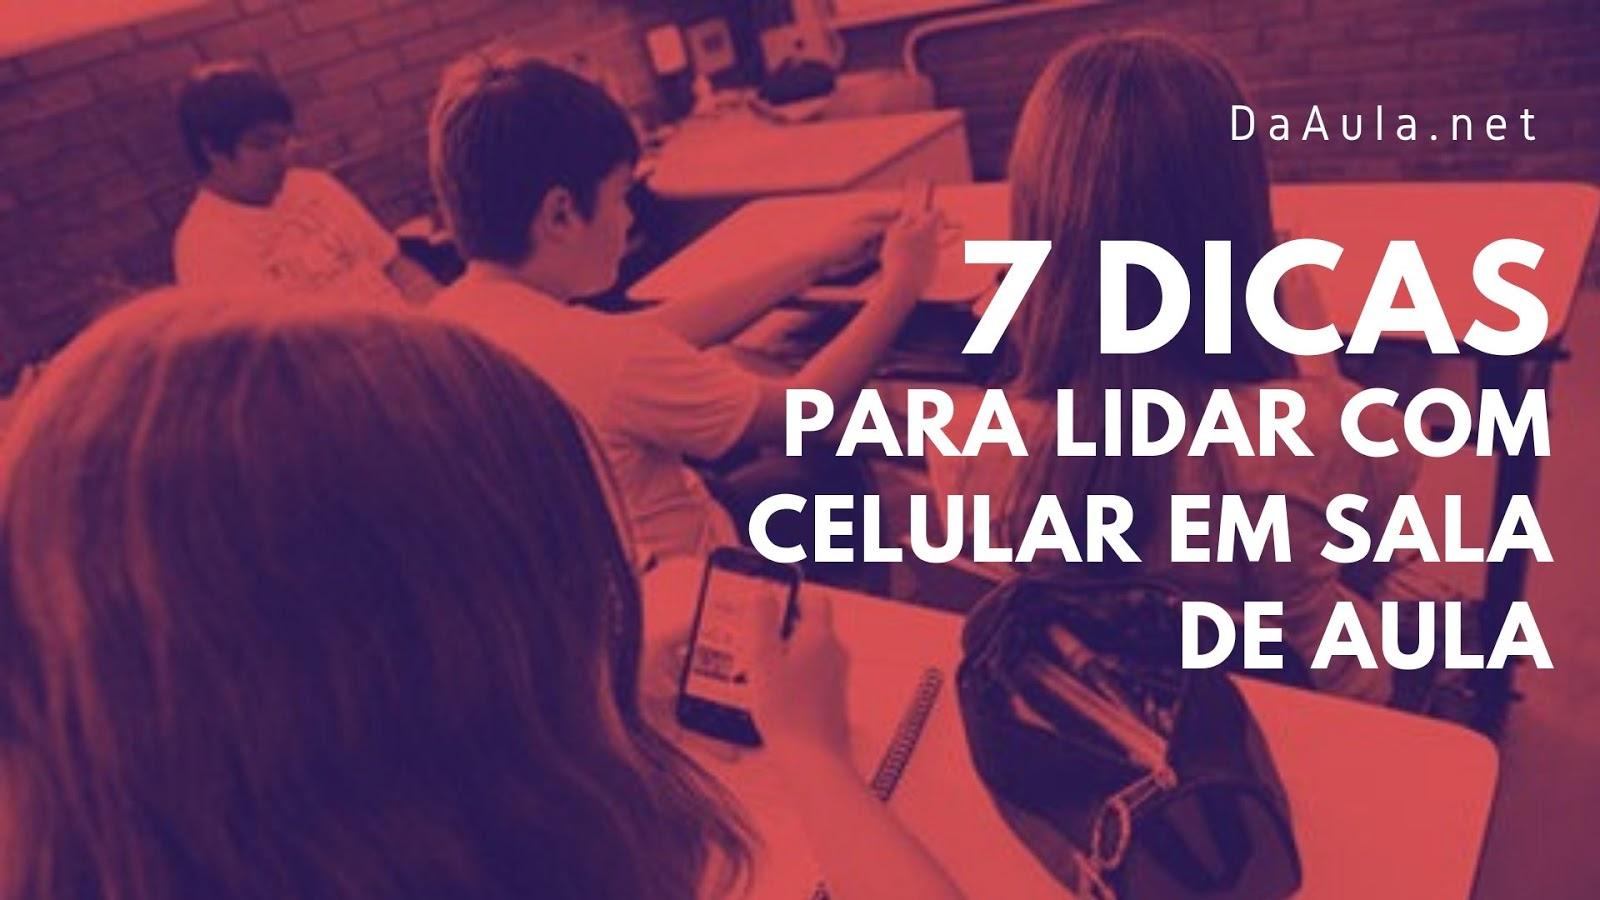 7 Dicas de como lidar com os celulares em sala de aula